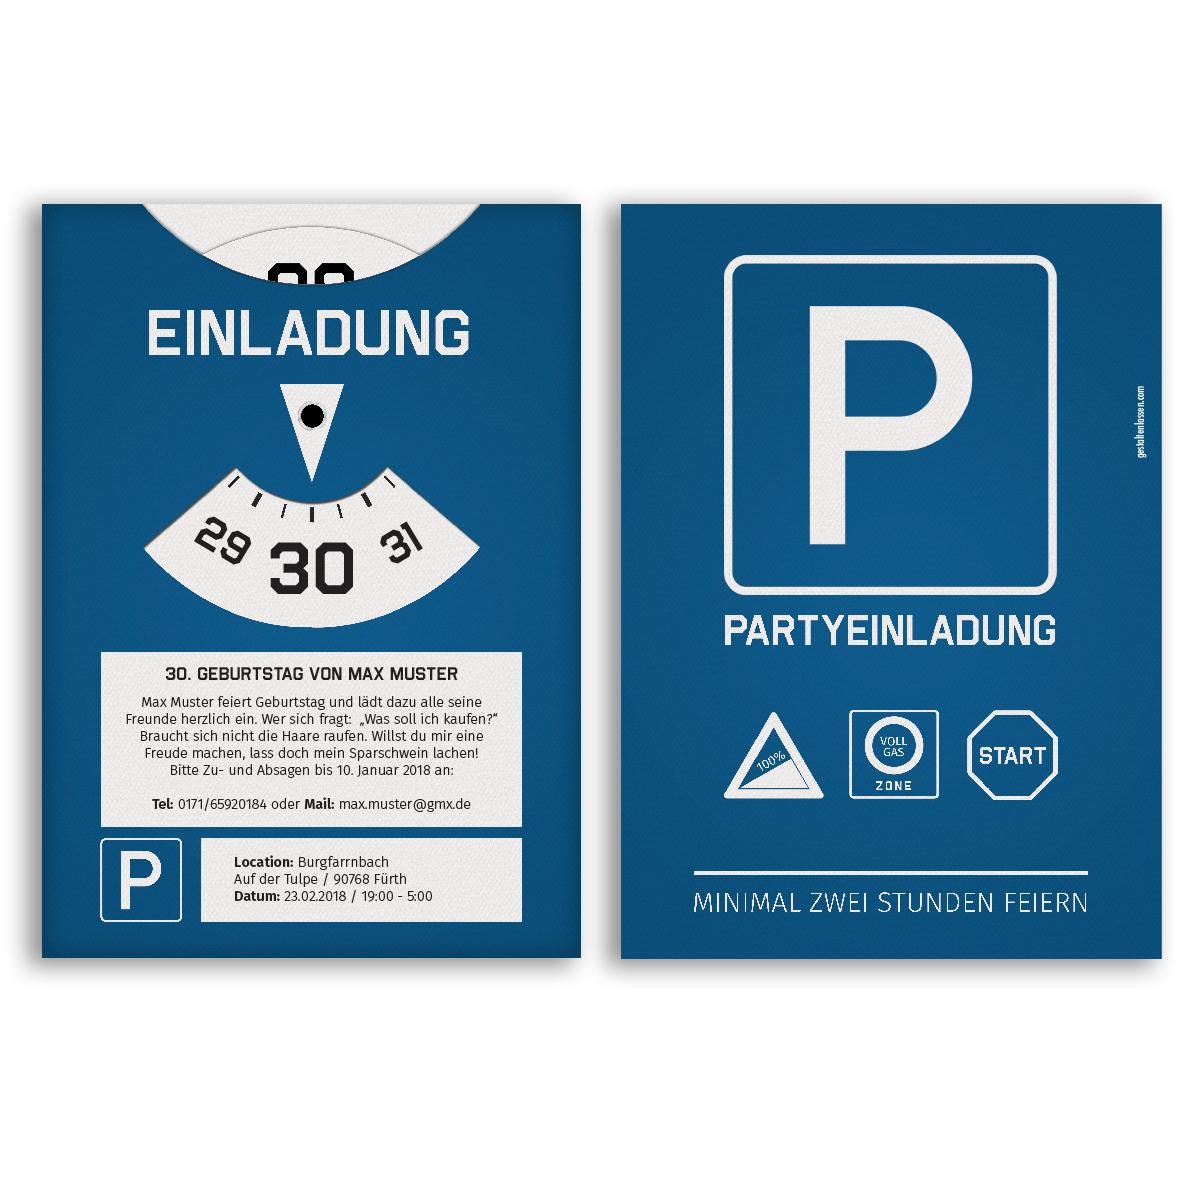 Einladung Vorlage Zu Party Geburtstag Essen: Einladungen Als Parkscheibe Geburtstag Karten